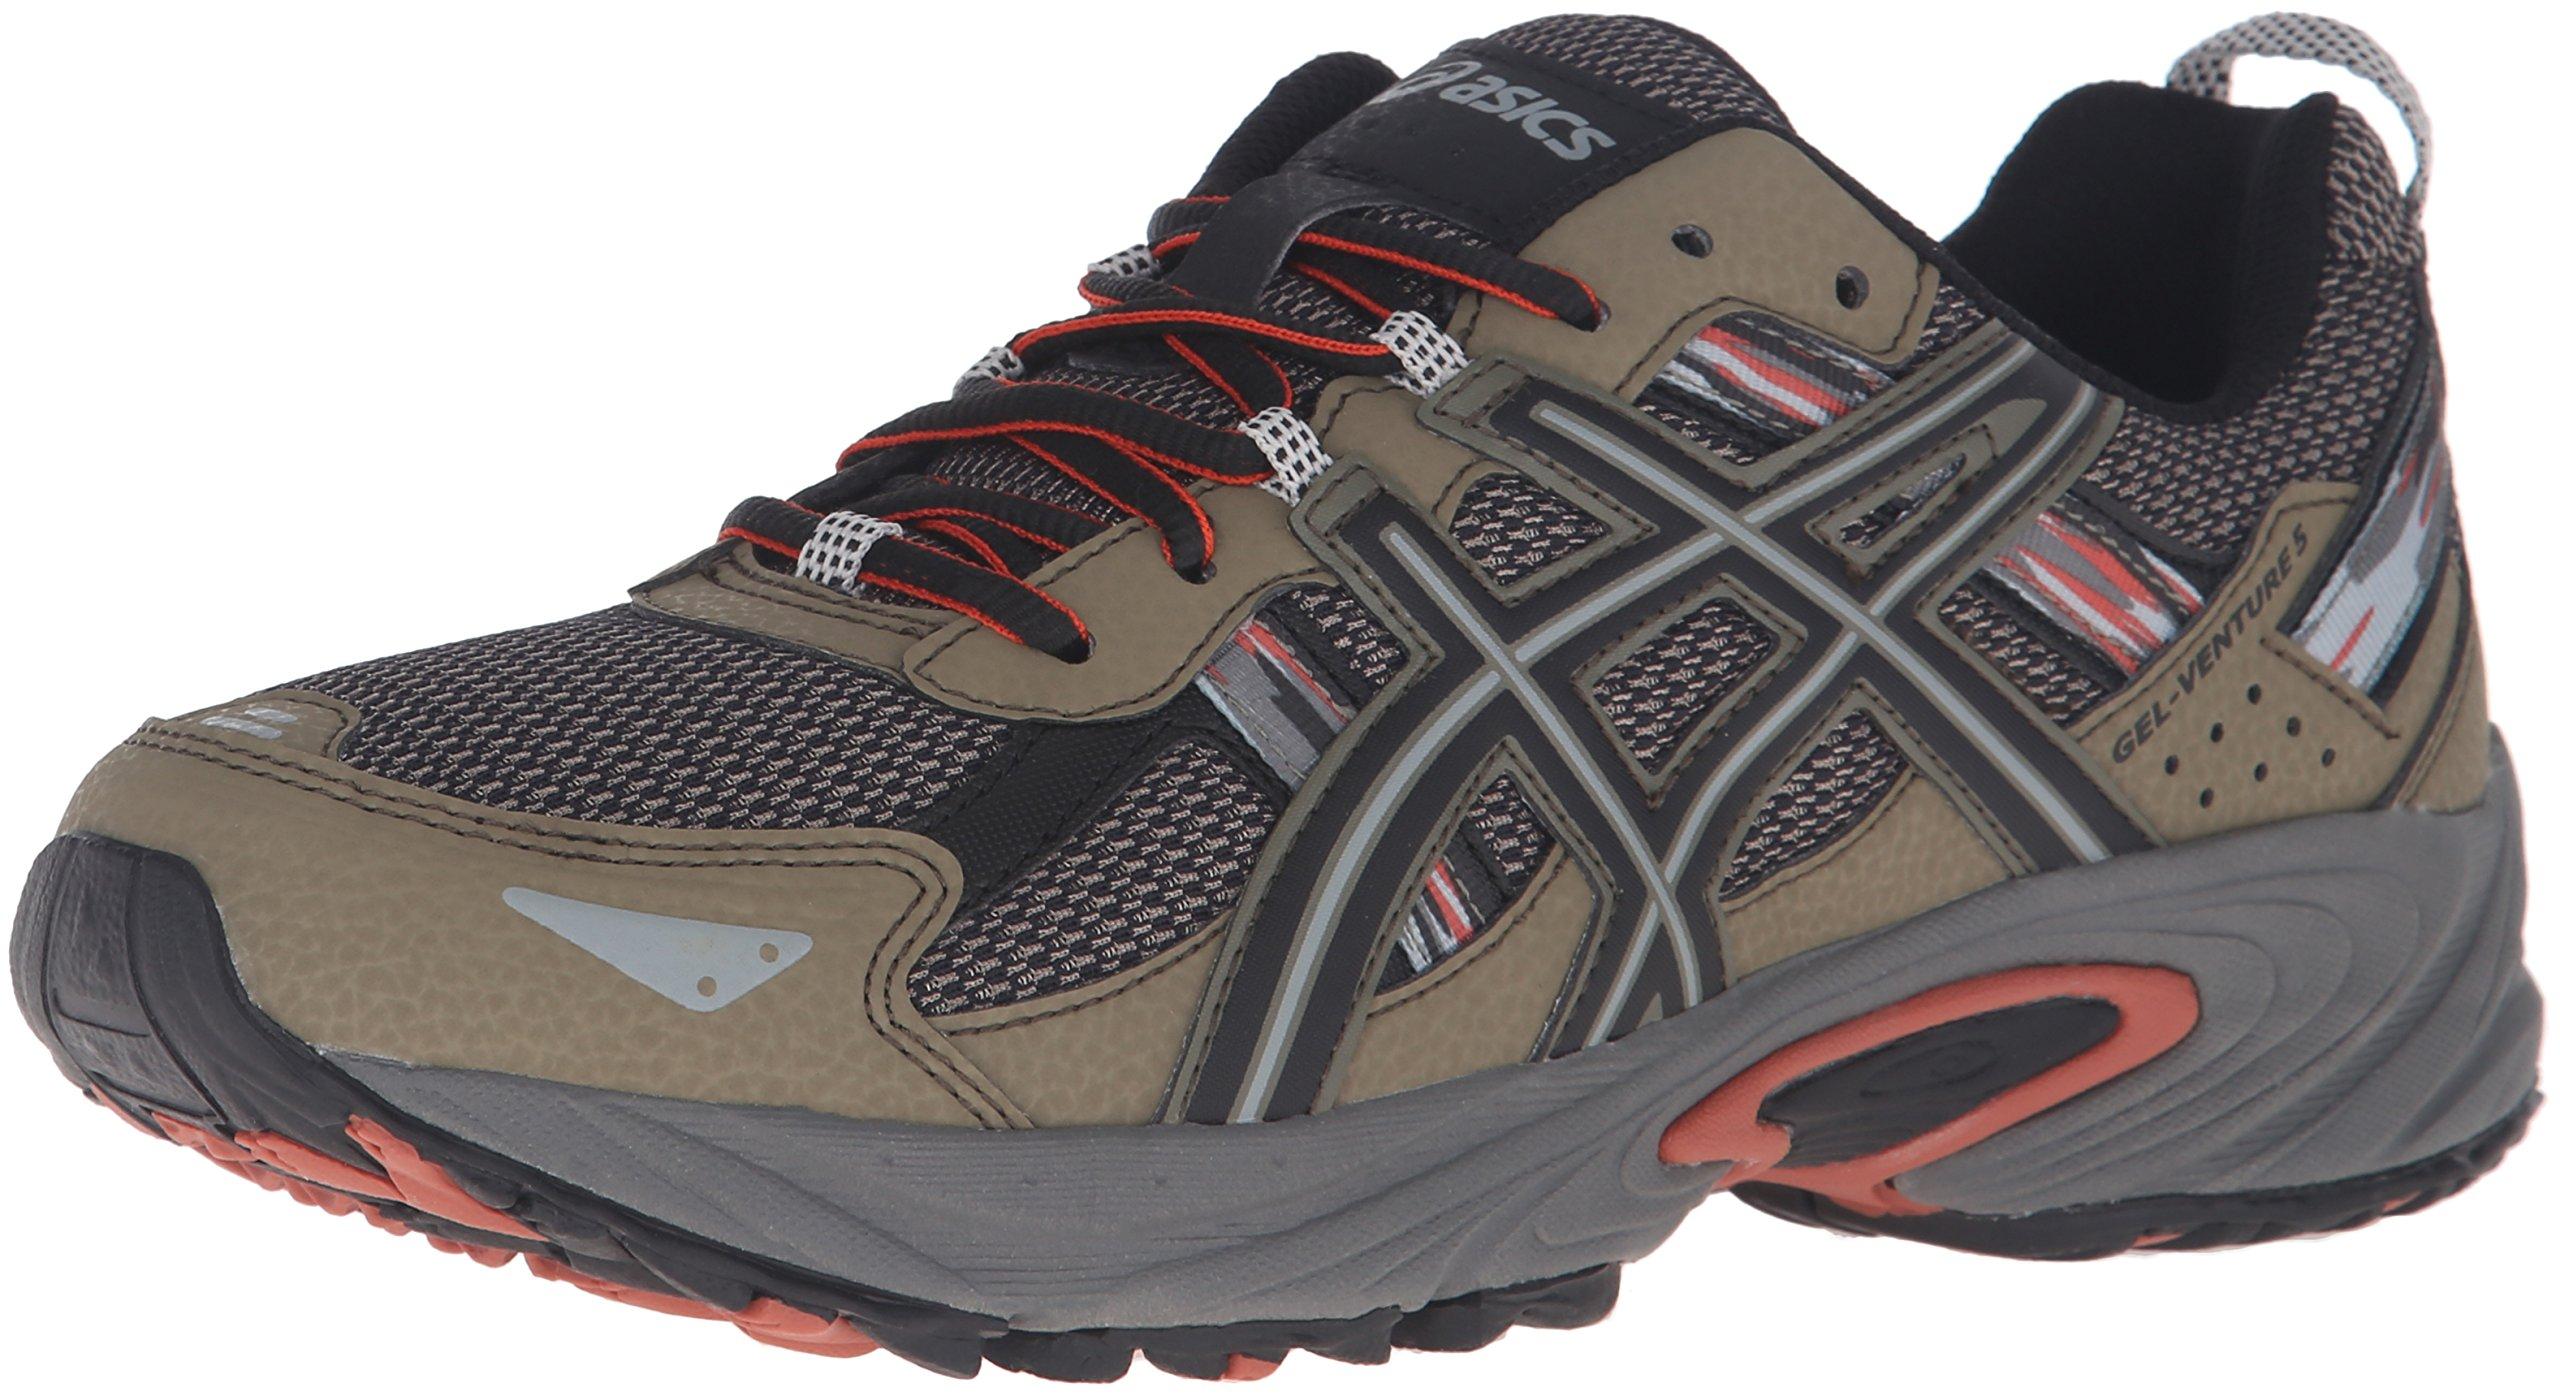 ASICS Men's Gel-Venture 5 Trail Runner, Dusky Green/Black/Cinnamon, 8 M US